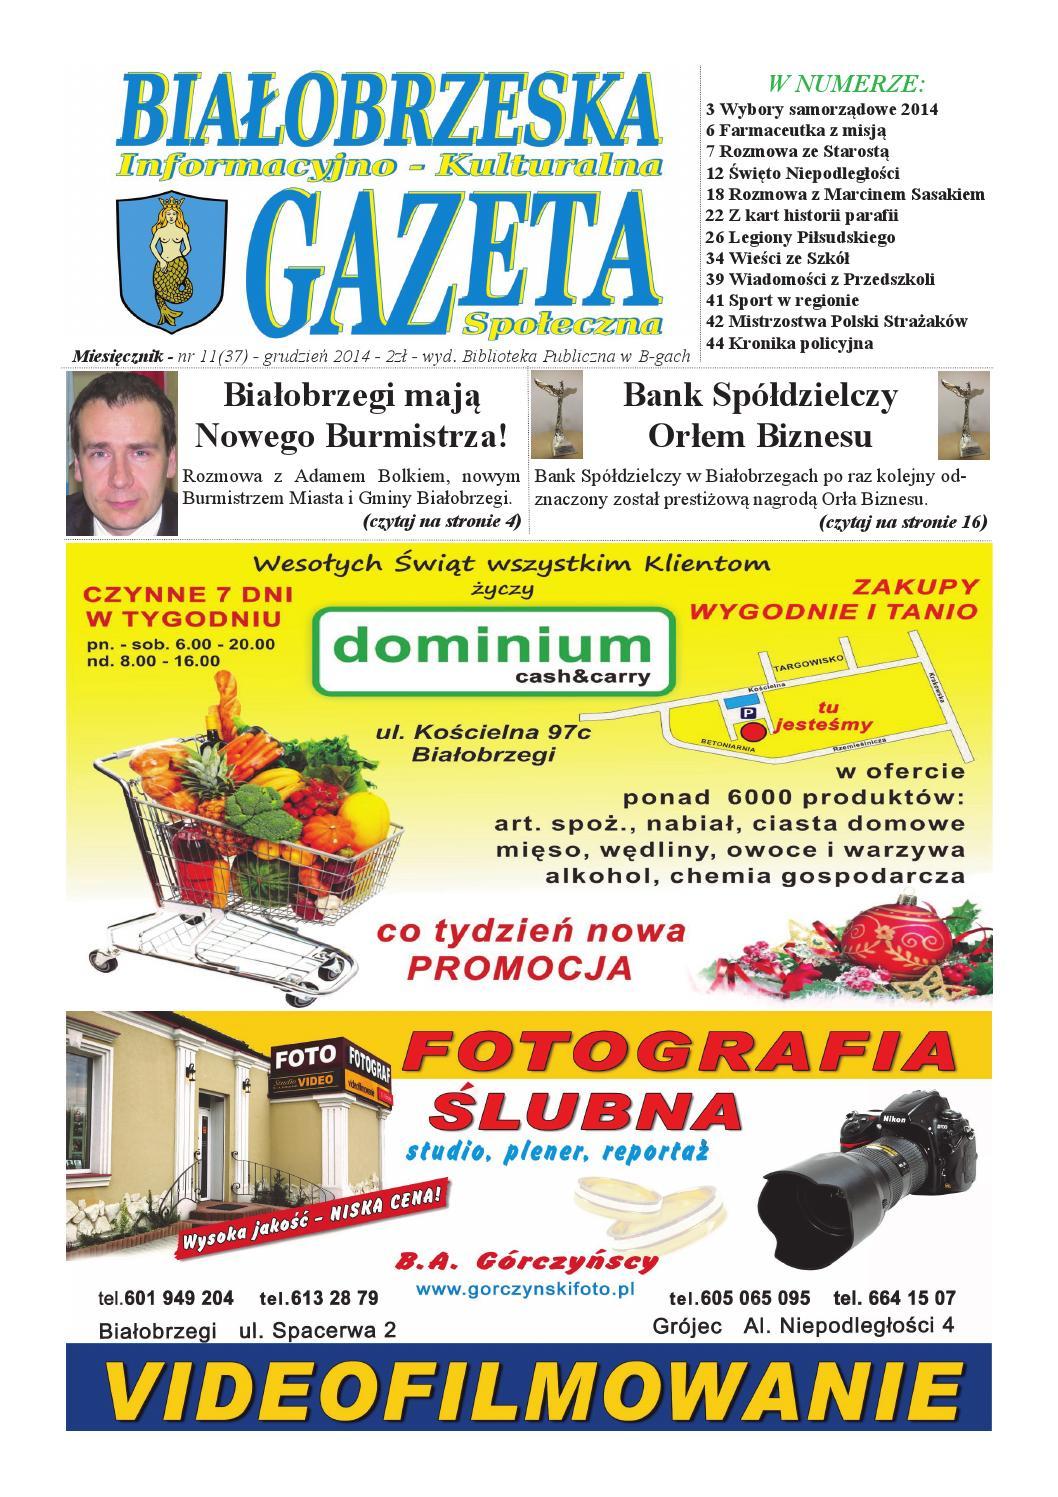 Gazeta Białobrzeska Nr 37 Grudzień 2014 By Białorzeska